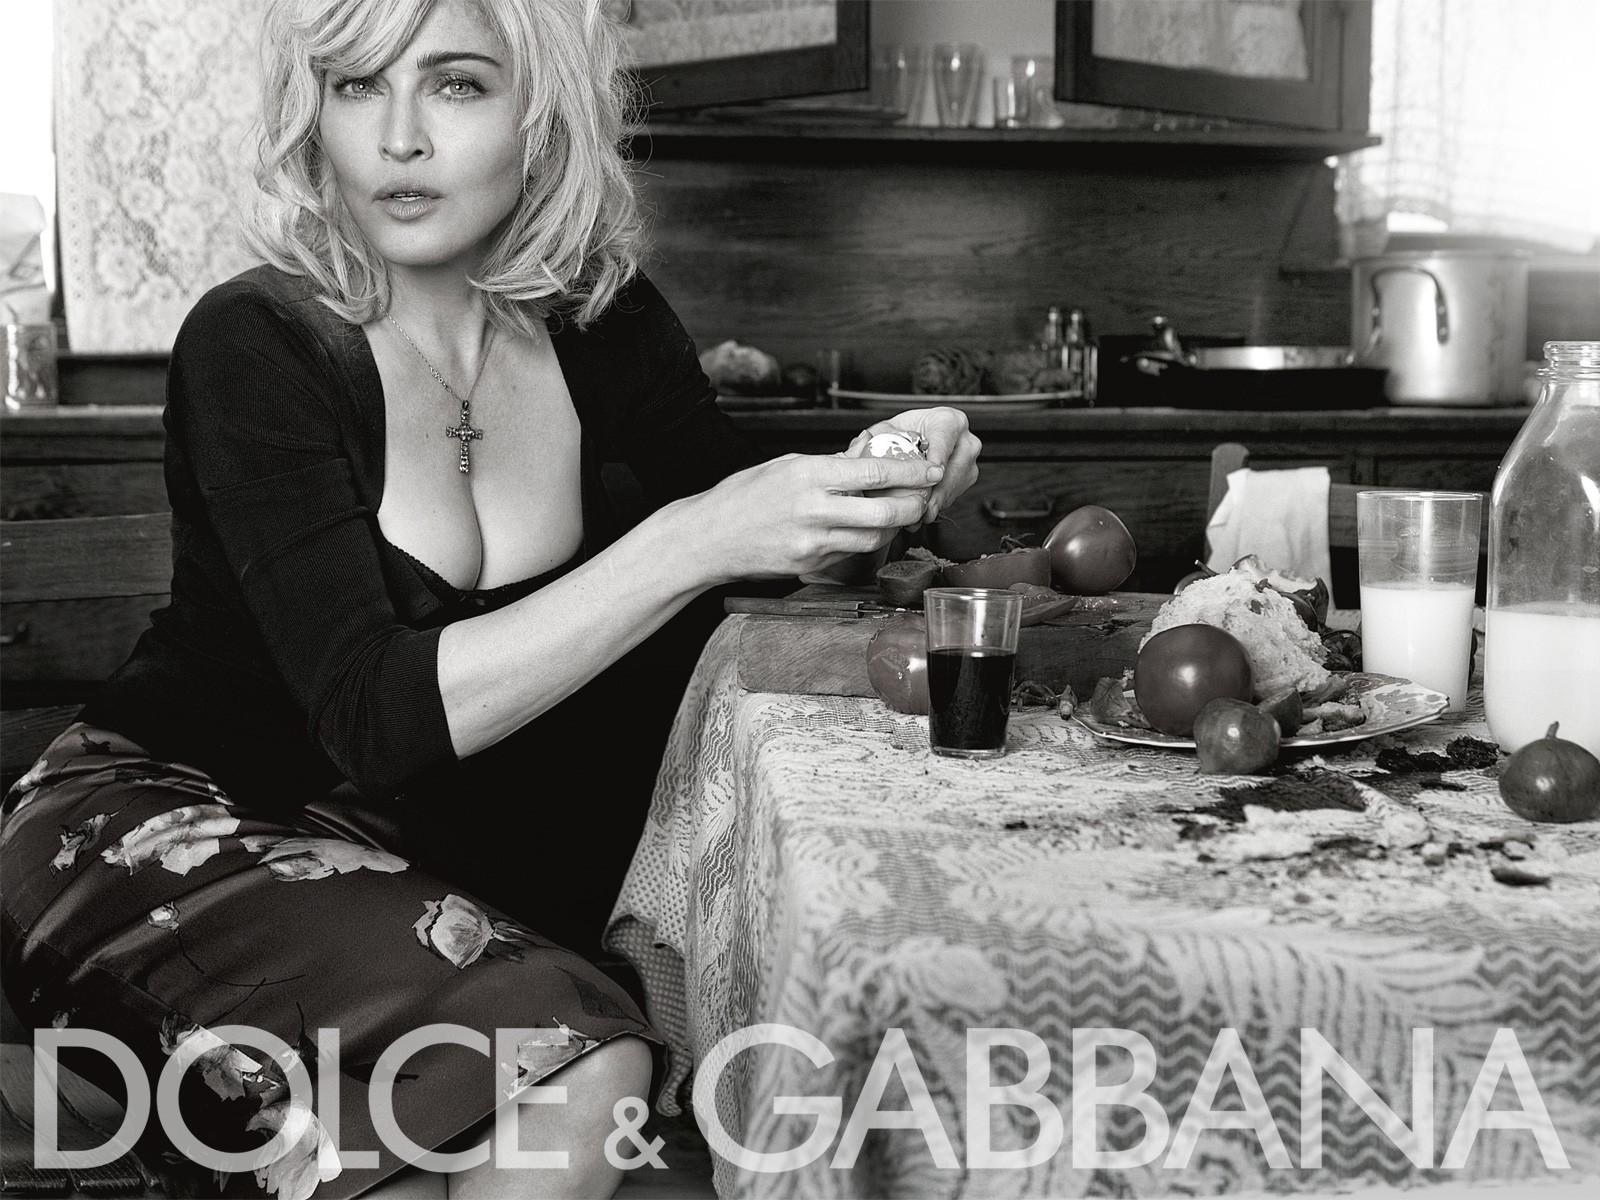 Wallpaper di Madonna in una foto della campagna pubblicitaria di Dolce e Gabbana (2009-10)